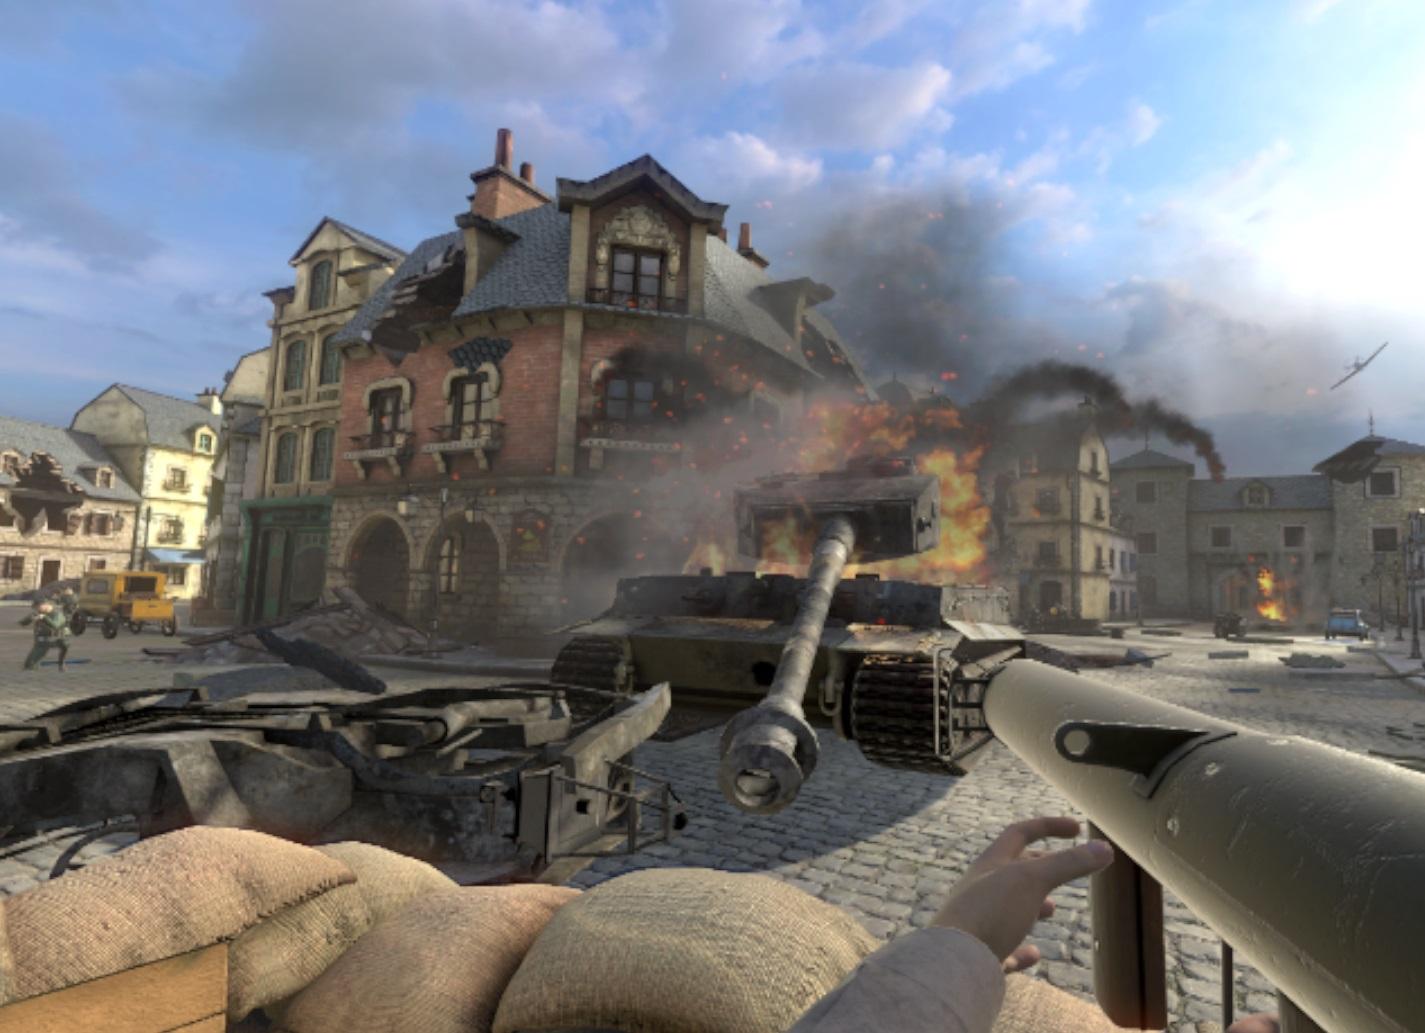 htc-vive-front-defense-panzerfaust-tank